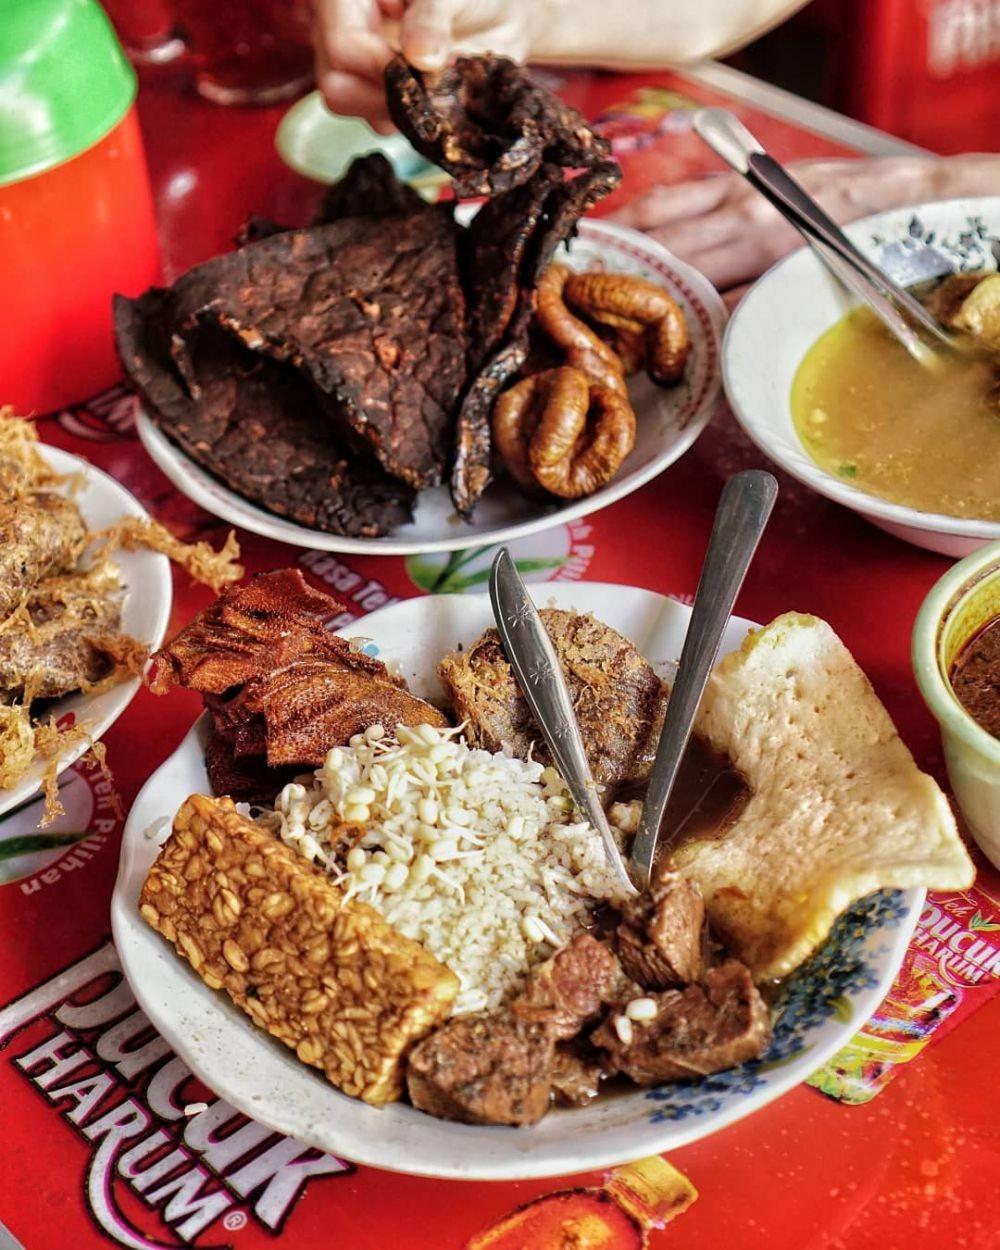 15 Wisata Kuliner Surabaya yang Paling Hits, Food Hunter Wajib Cobain!